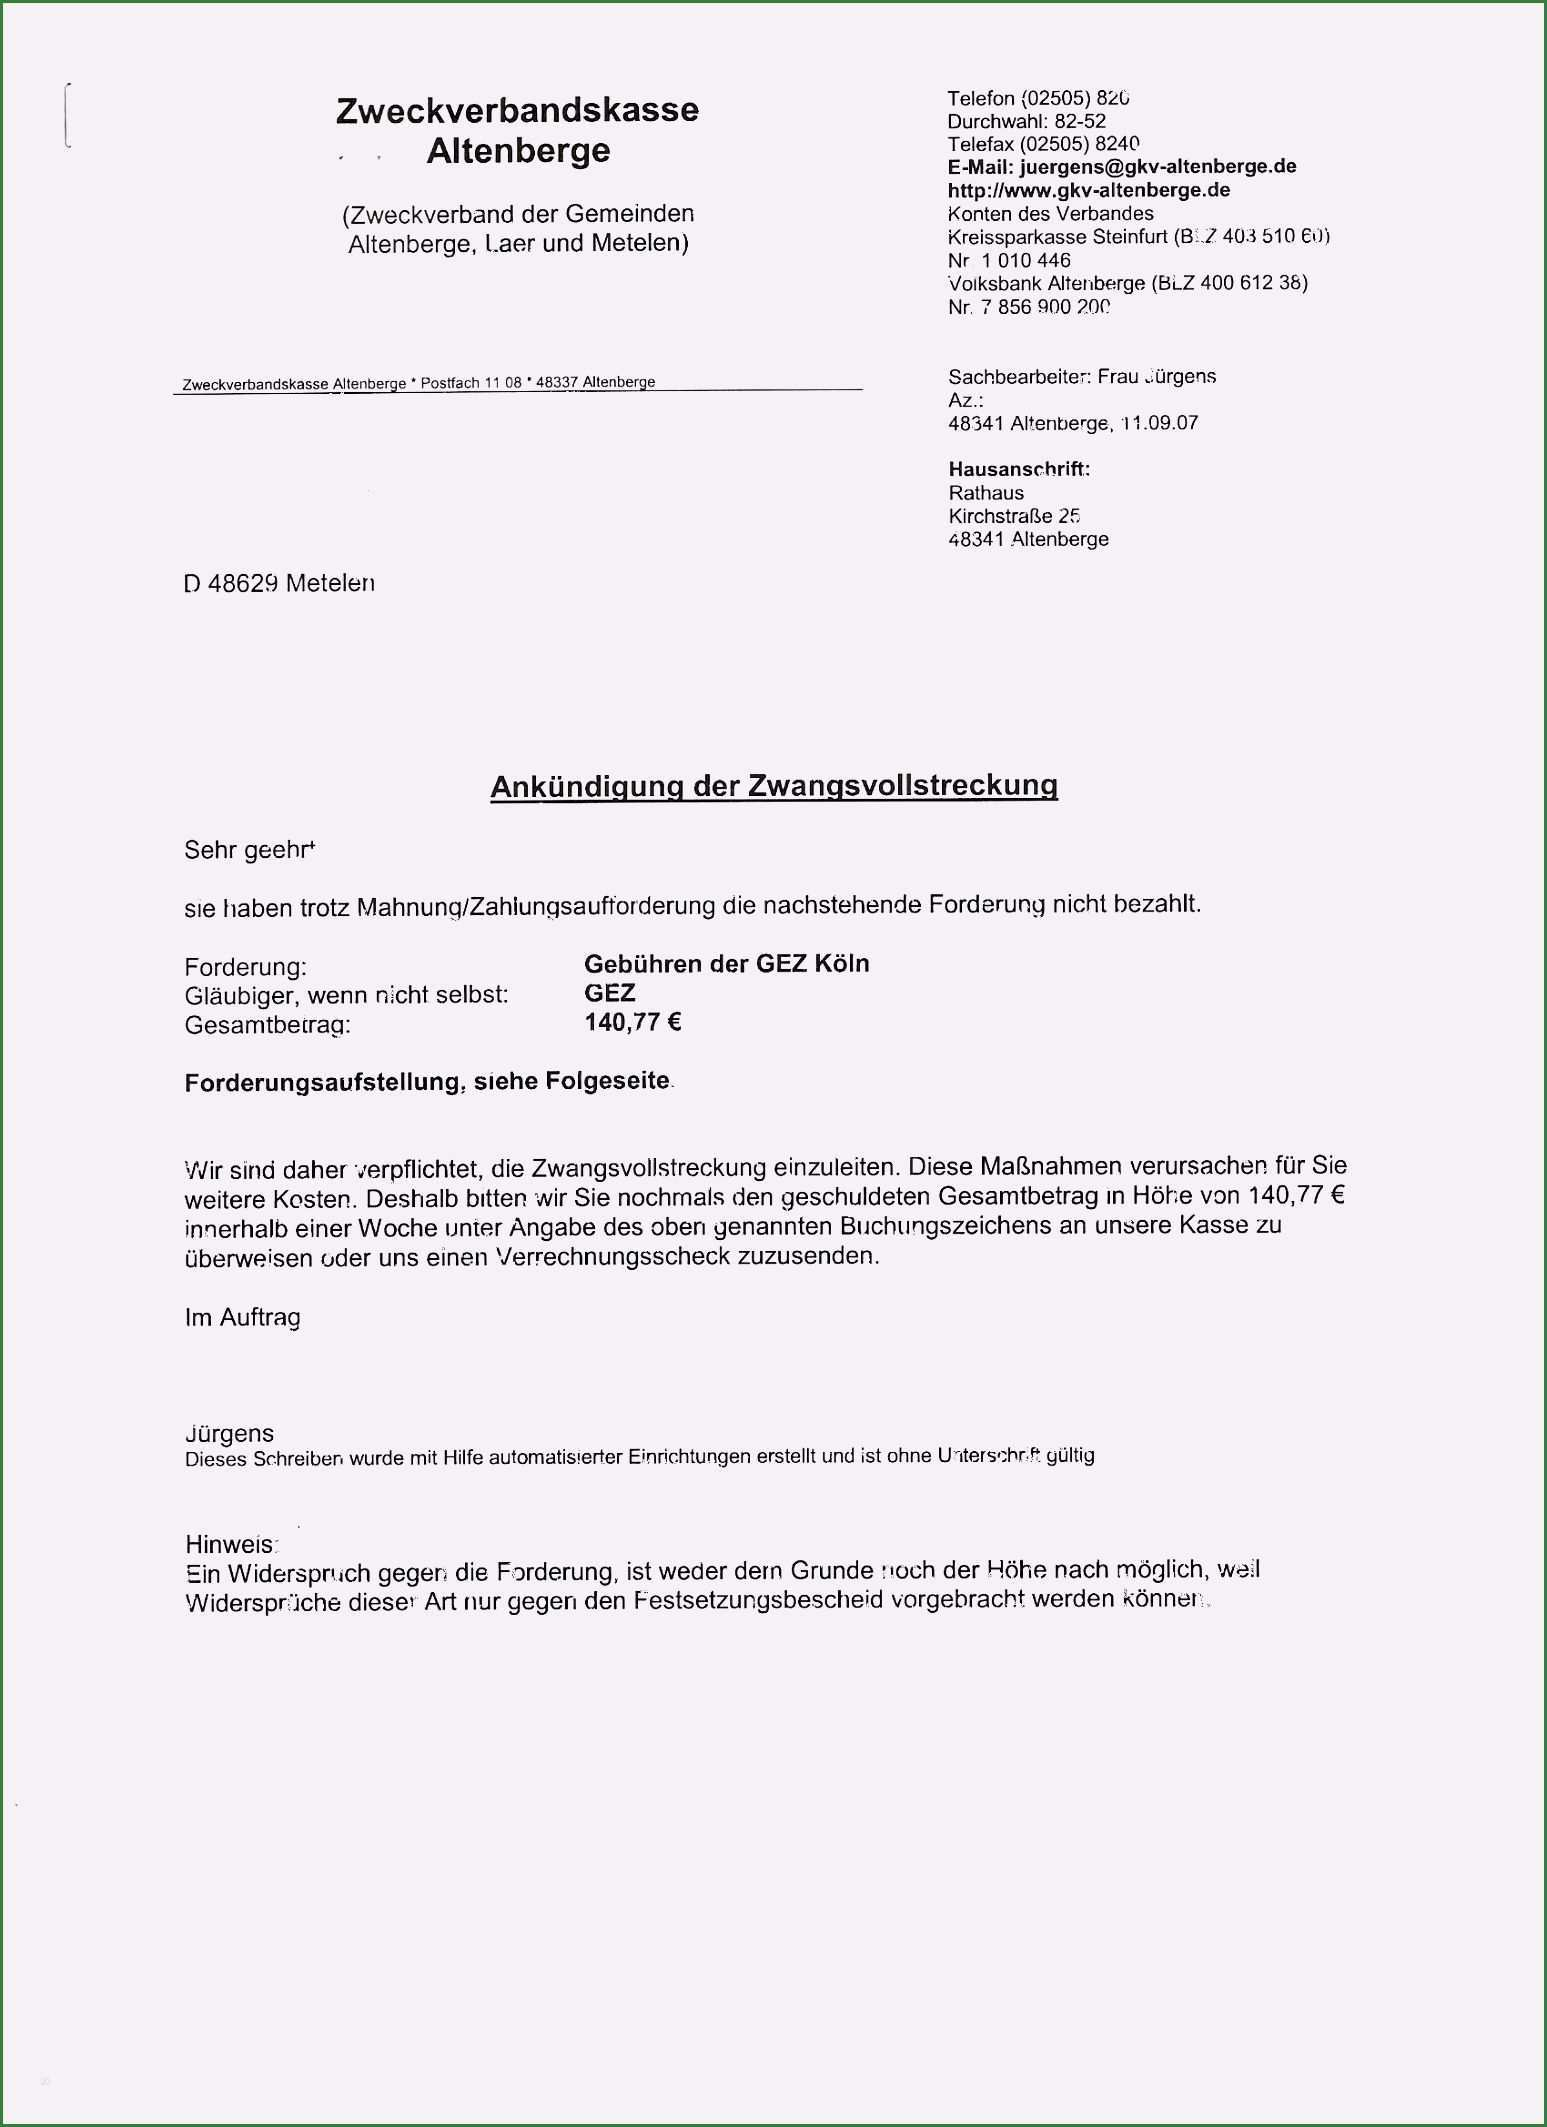 19 Hervorragend Festsetzungsbescheid Gez Widerspruch Vorlage Fur 2020 Zwangsvollstreckung Vorlagen Microsoft Word